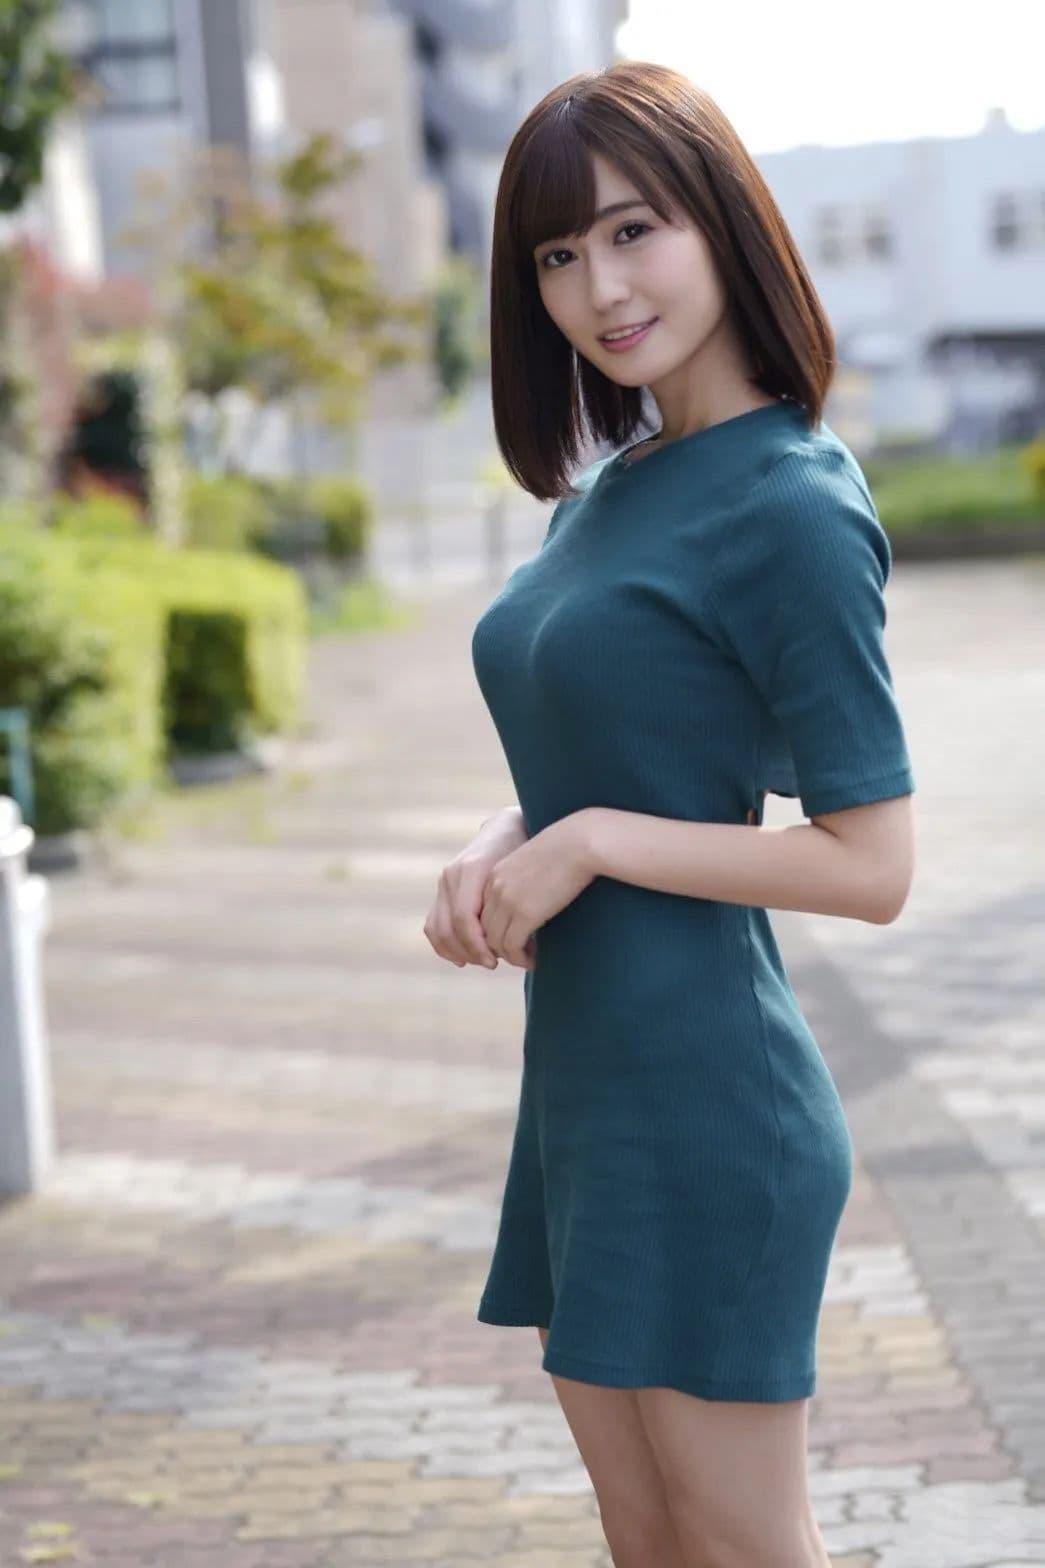 藤森里穂(前田由美)经典作品番号及封面大全